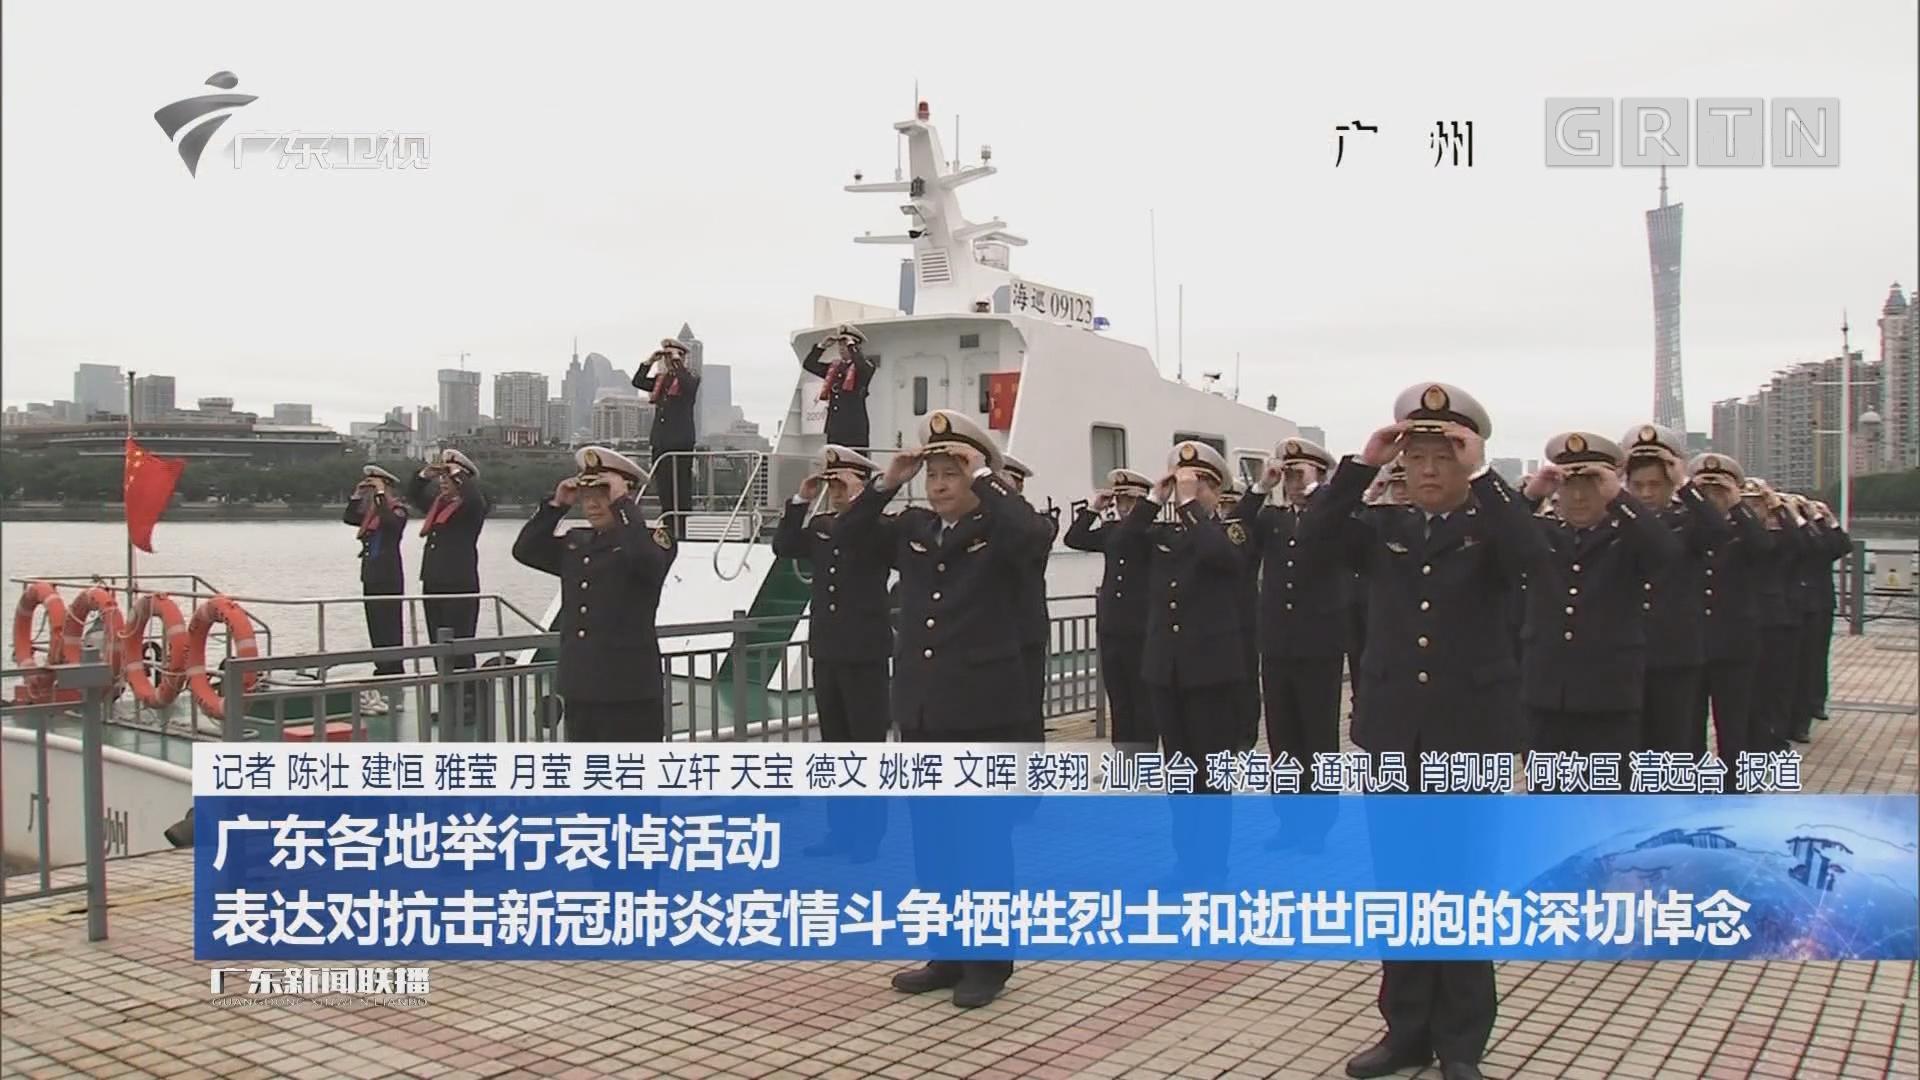 广东各地举行哀悼活动 表达对抗击新冠肺炎疫情斗争牺牲烈士和逝世同胞的深切悼念